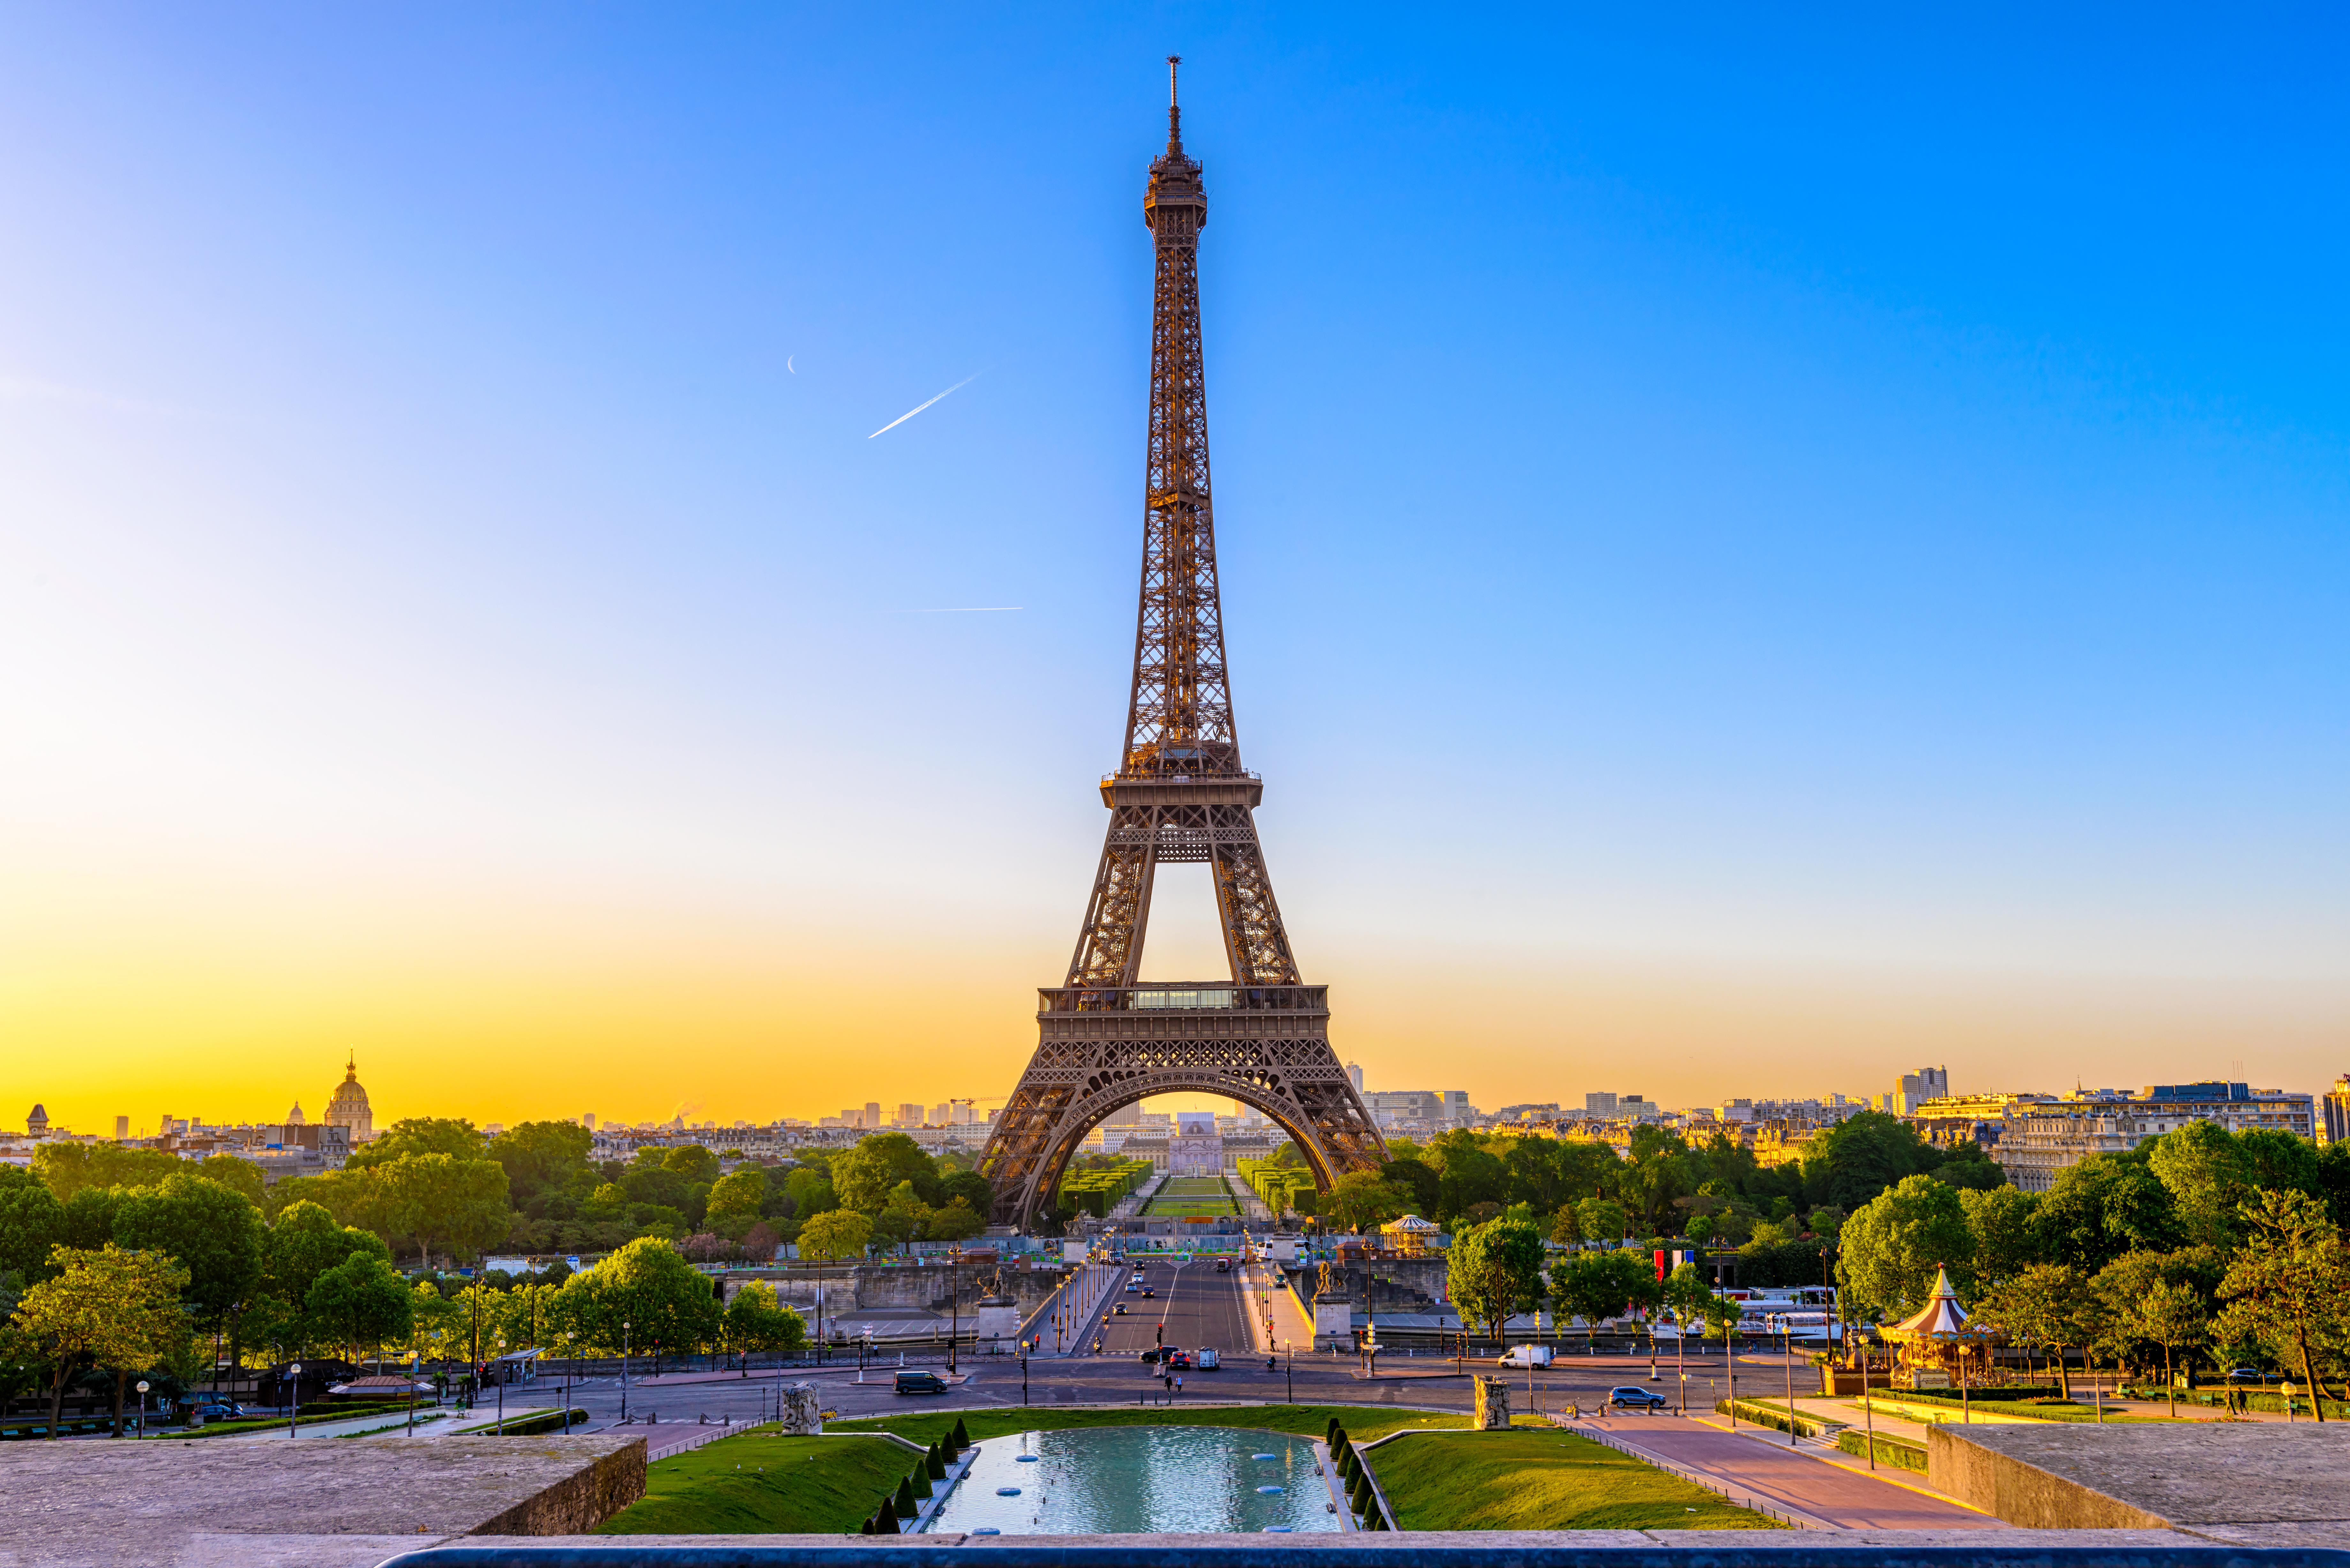 Эйфелева башня символ Франции, ВНЖ которой могут получить россияне